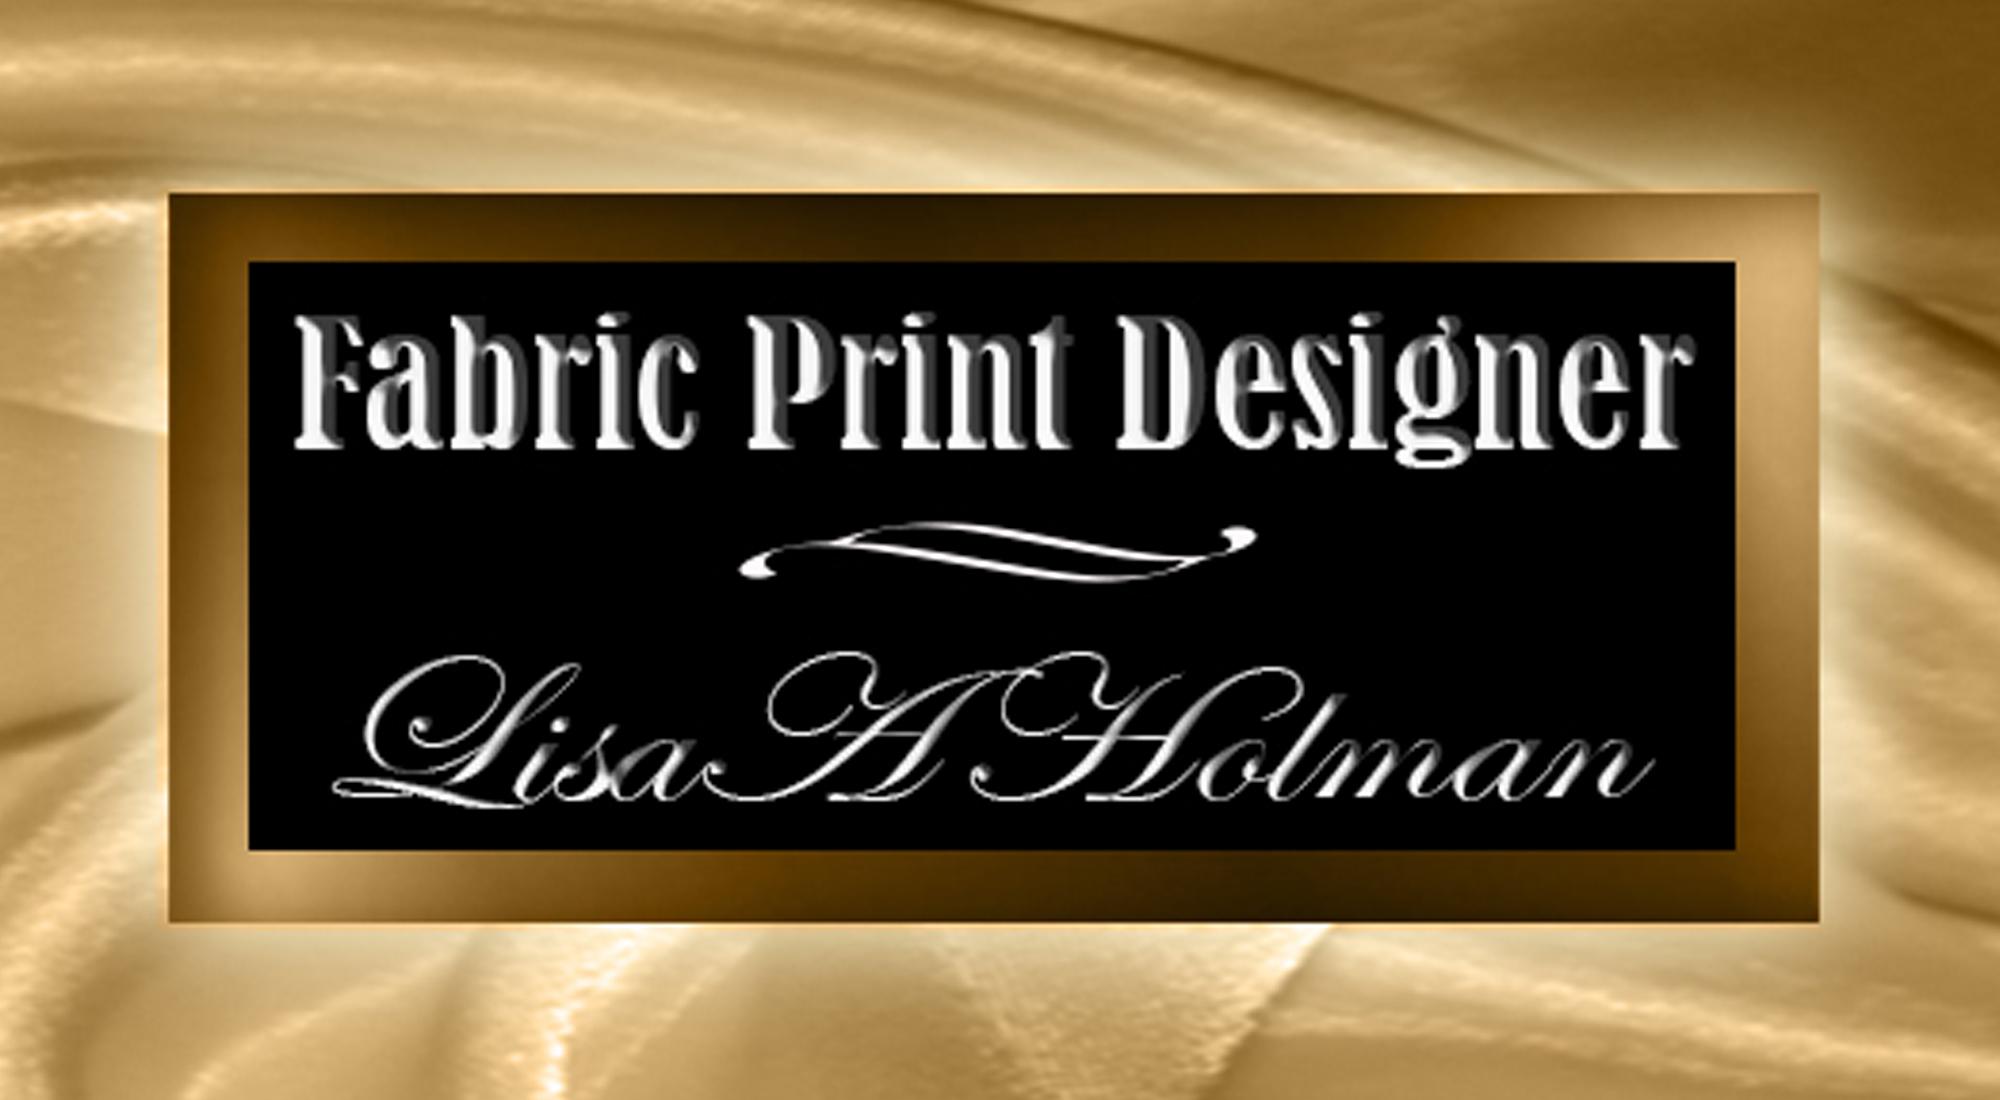 Lisa Holman's Signature